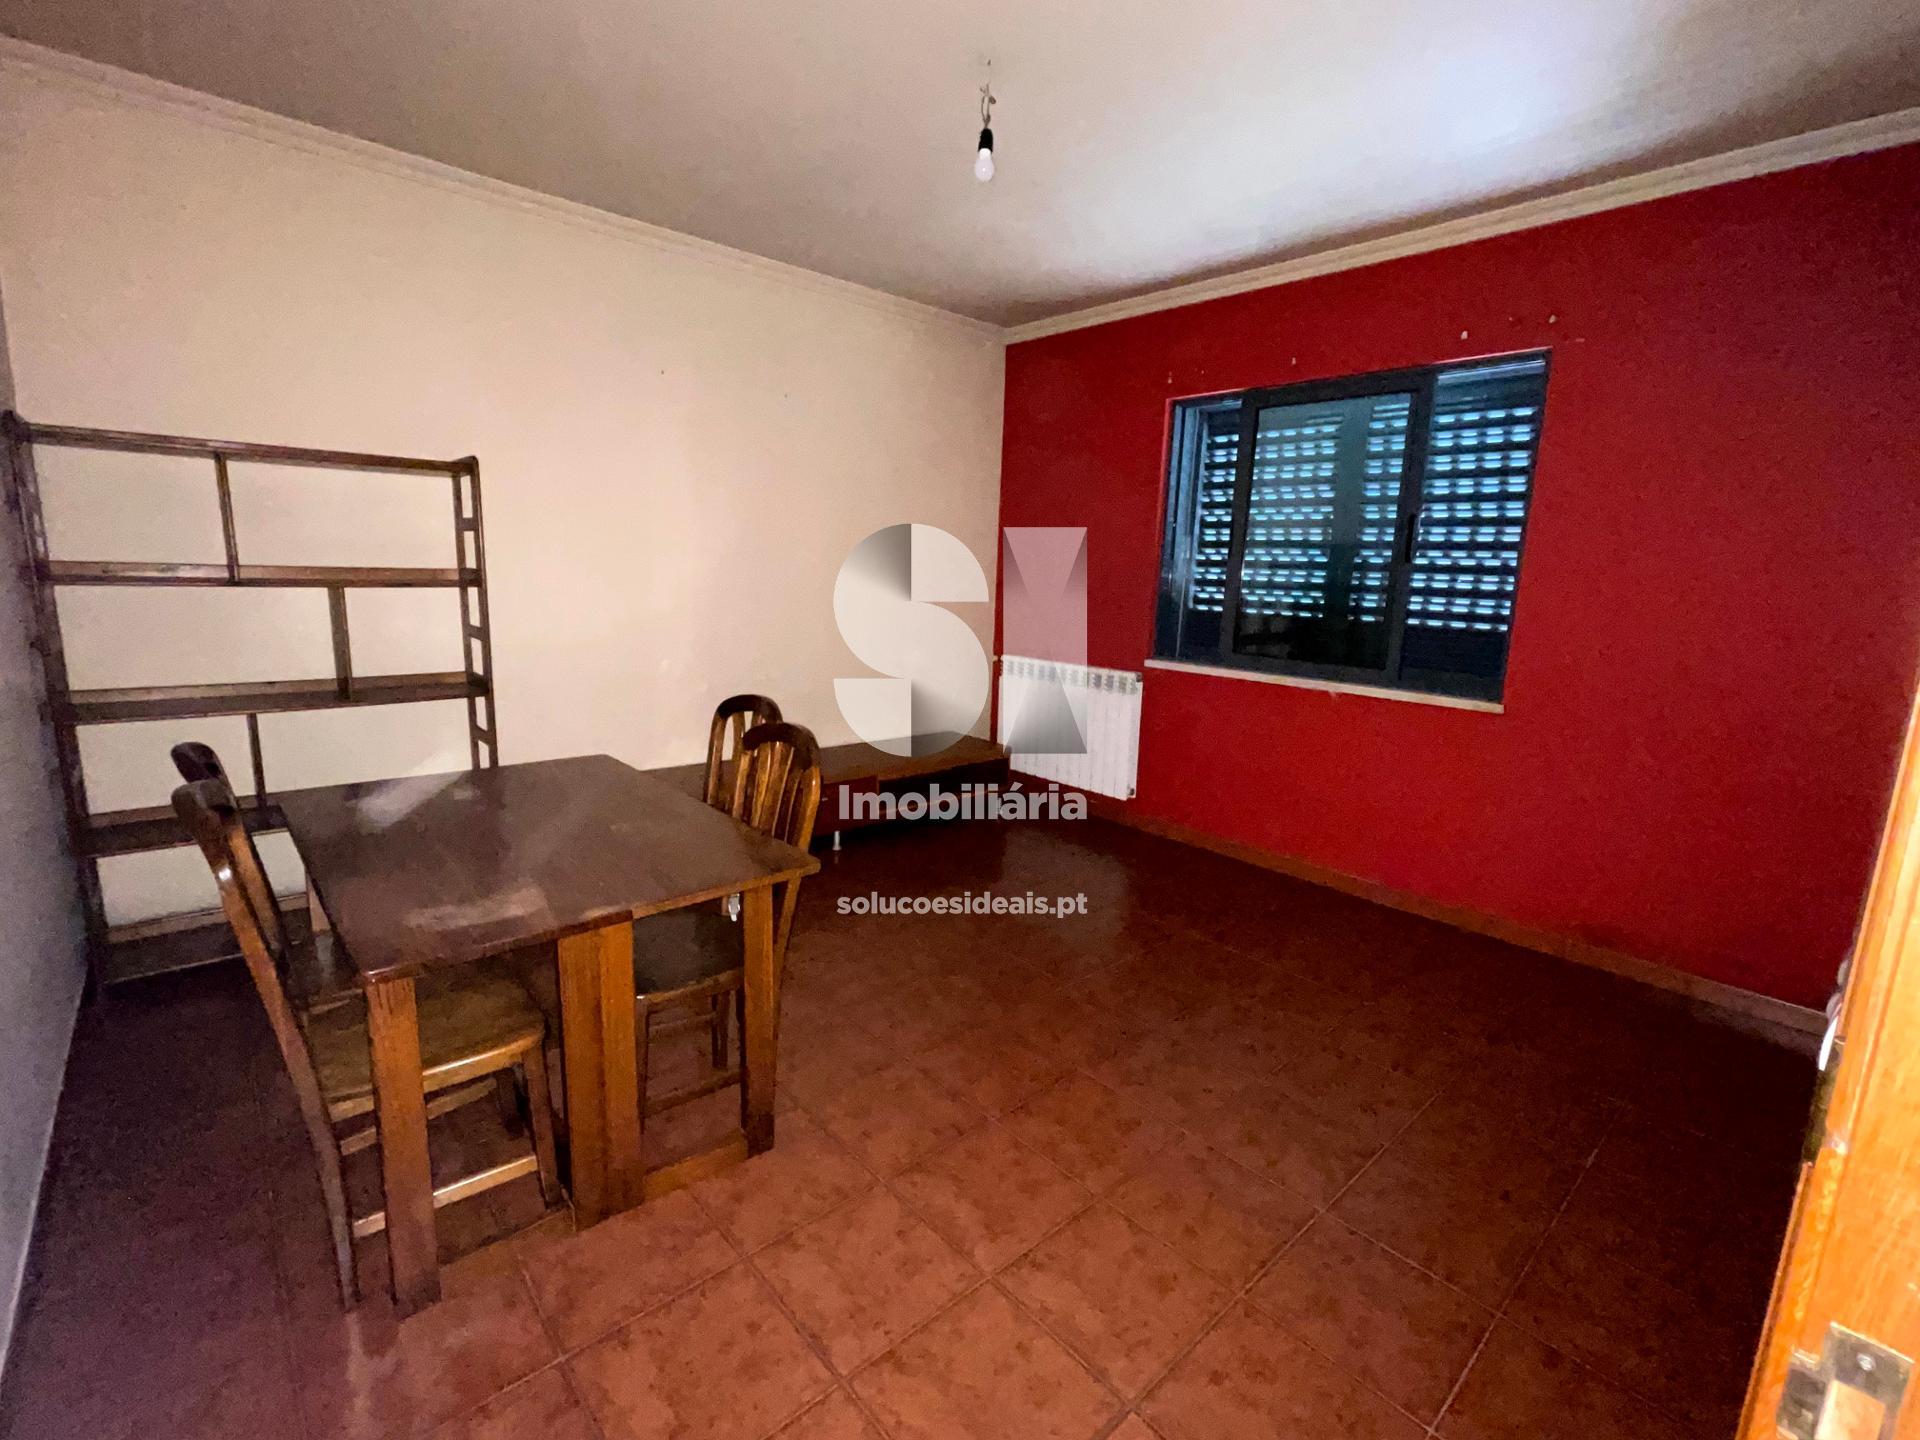 apartamento t1 para arrendamento em coimbra uniao das freguesias de eiras e sao paulo de frades eiras SEDRC8947